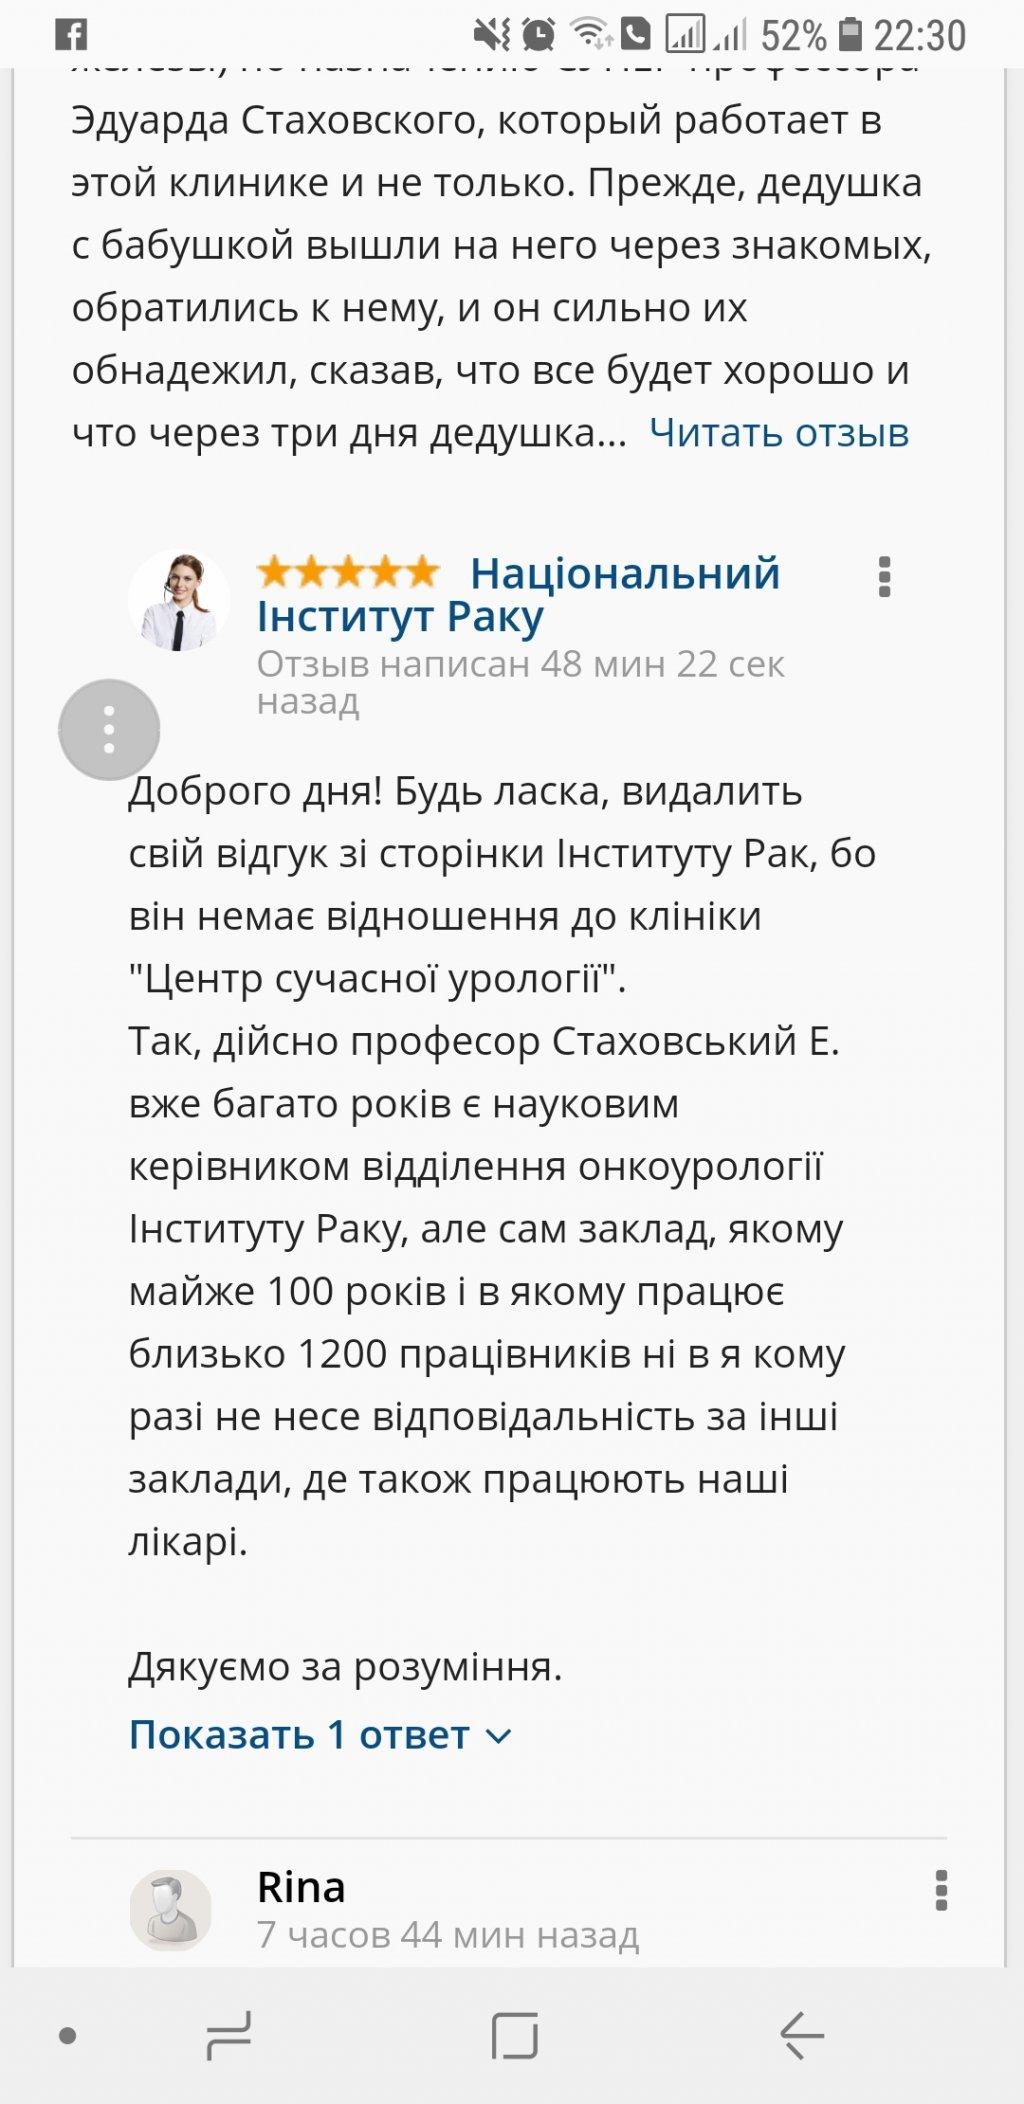 Национальный Институт Рака - Правда про Эдуарда Стаховского